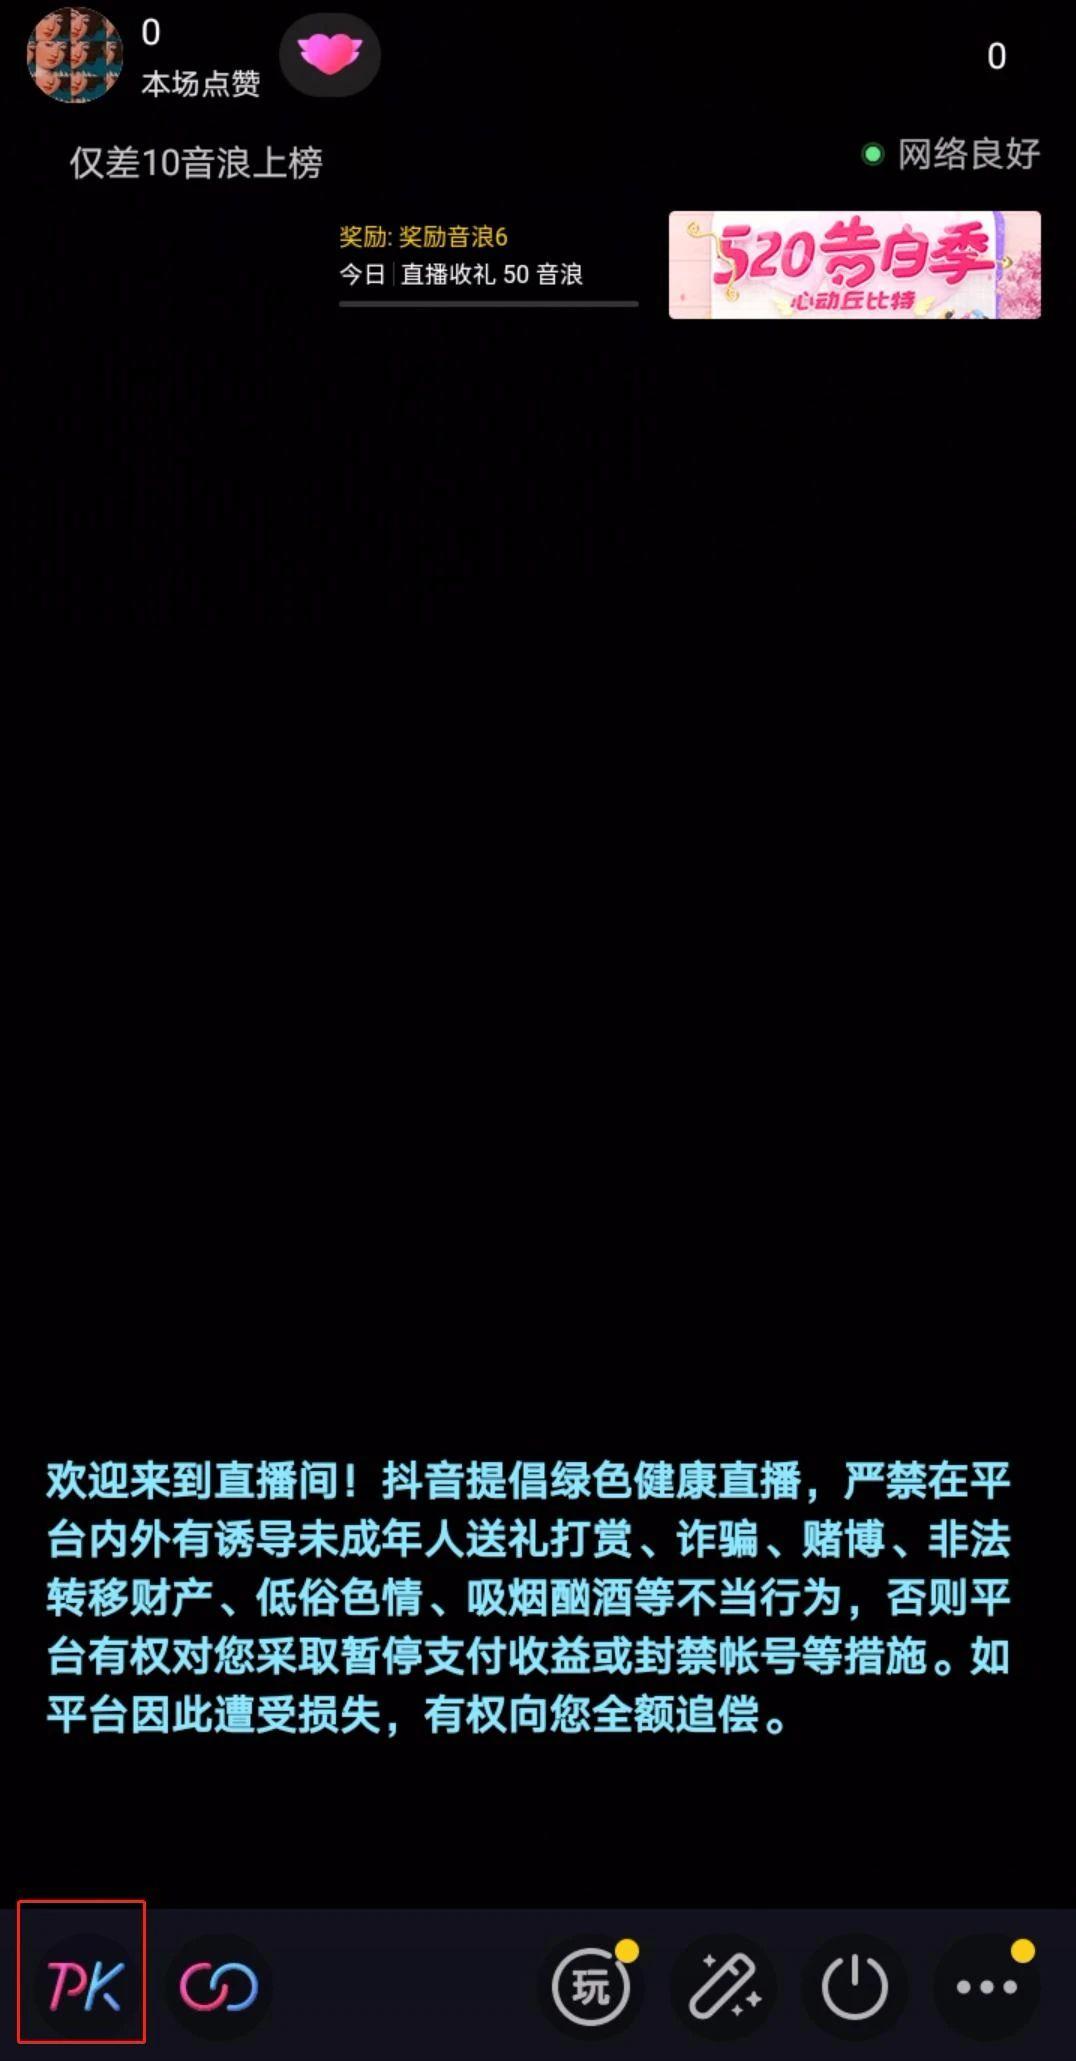 张芊:抖音直播pk输了会怎么样?直播pk在哪里?